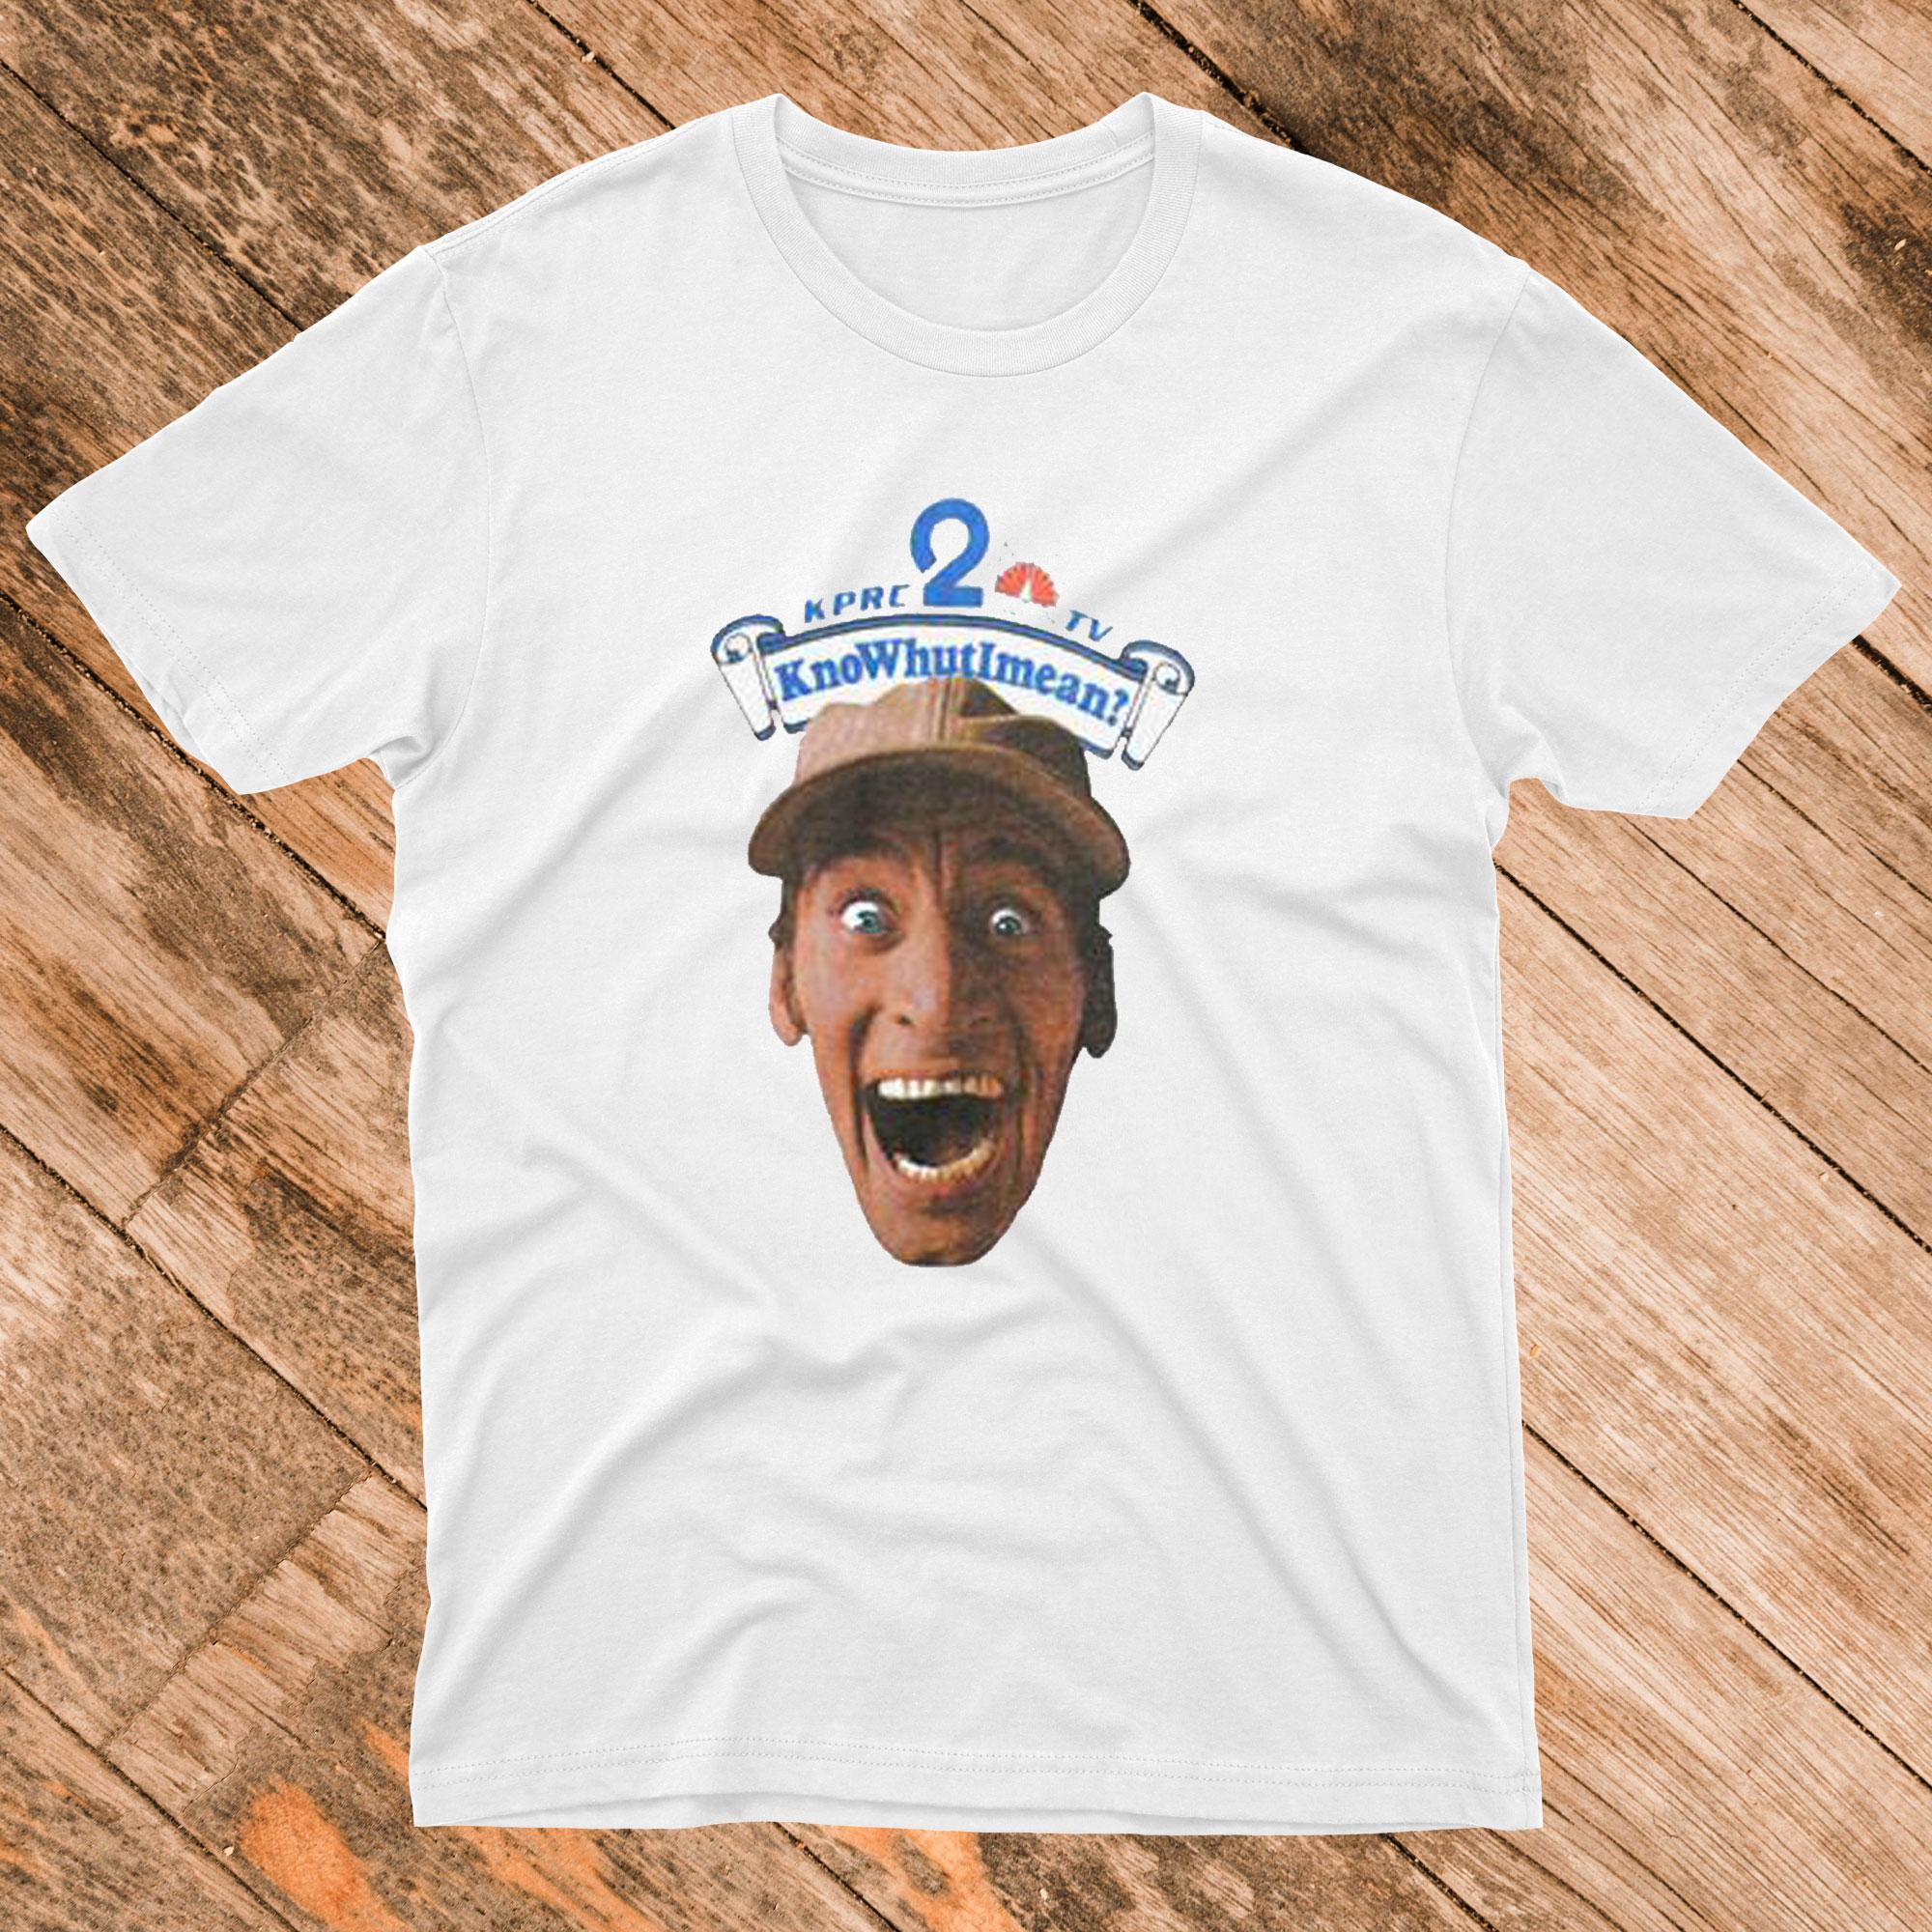 80's Ernest P Worrell KnoWhutIMean Vintage T shirt